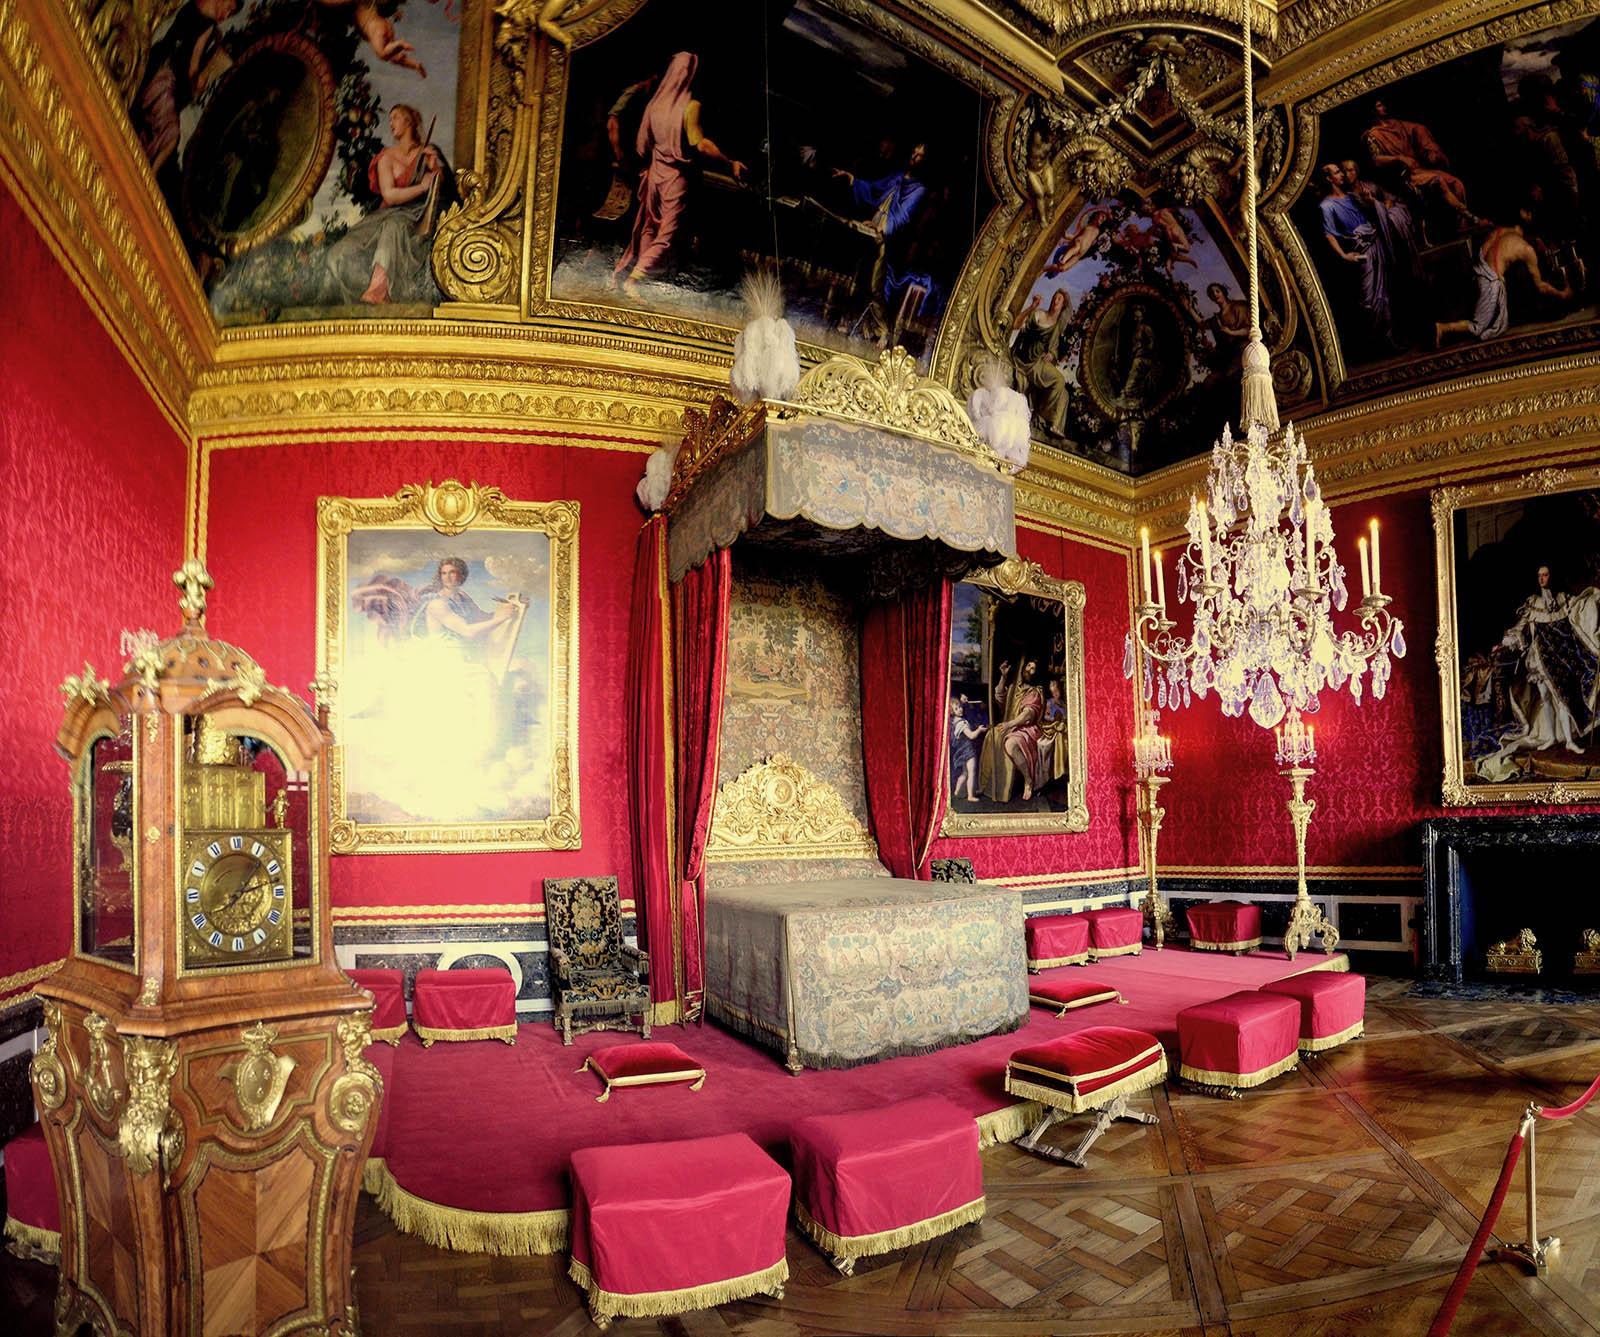 Cama de estado. Salón de Mercurio. Gran apartamento del rey. Palacio de Versalles. Versalles.